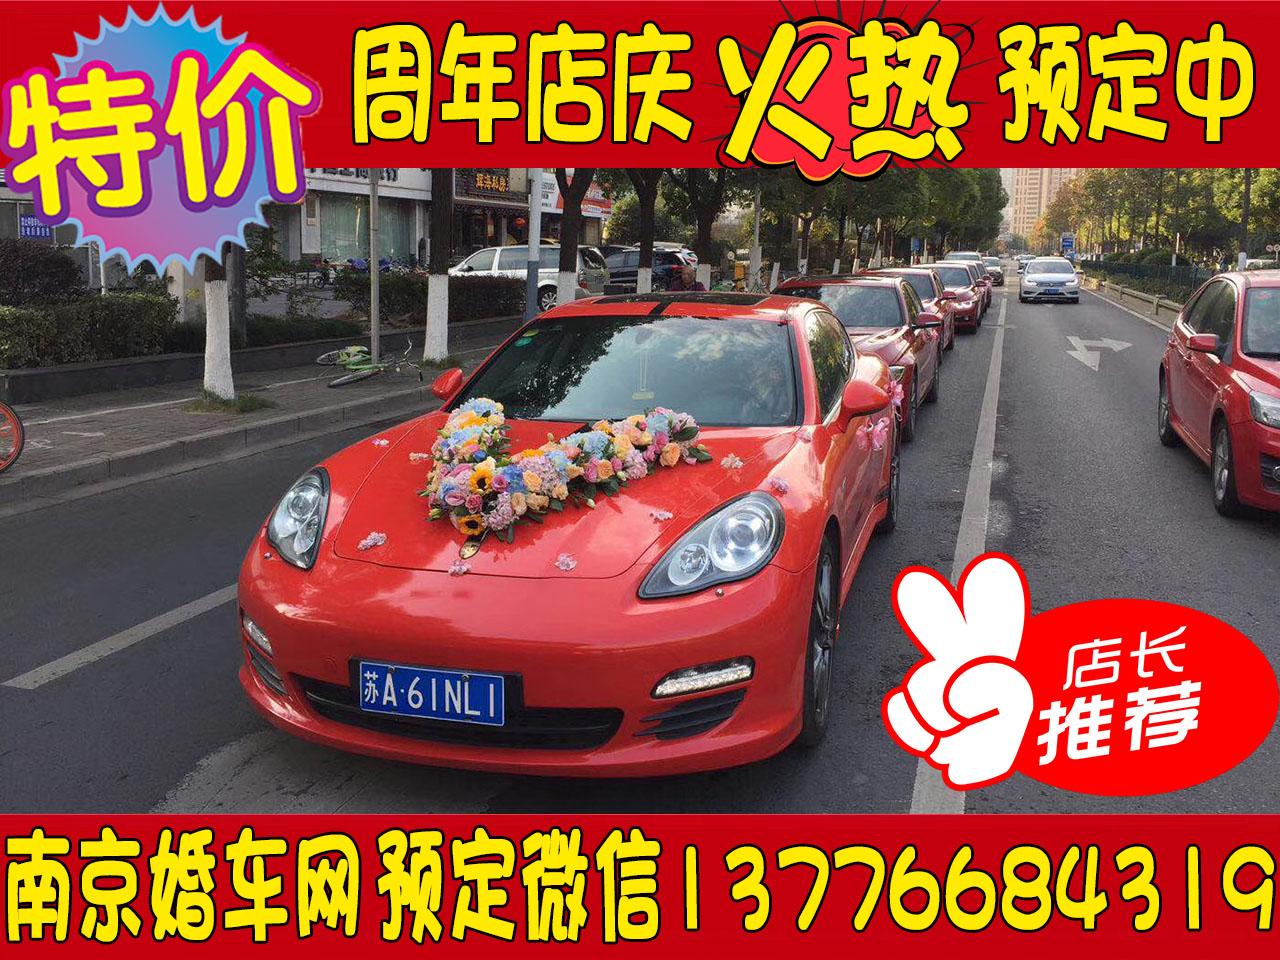 红色保时捷帕拉梅拉主婚车+5台红色奔驰C级副车